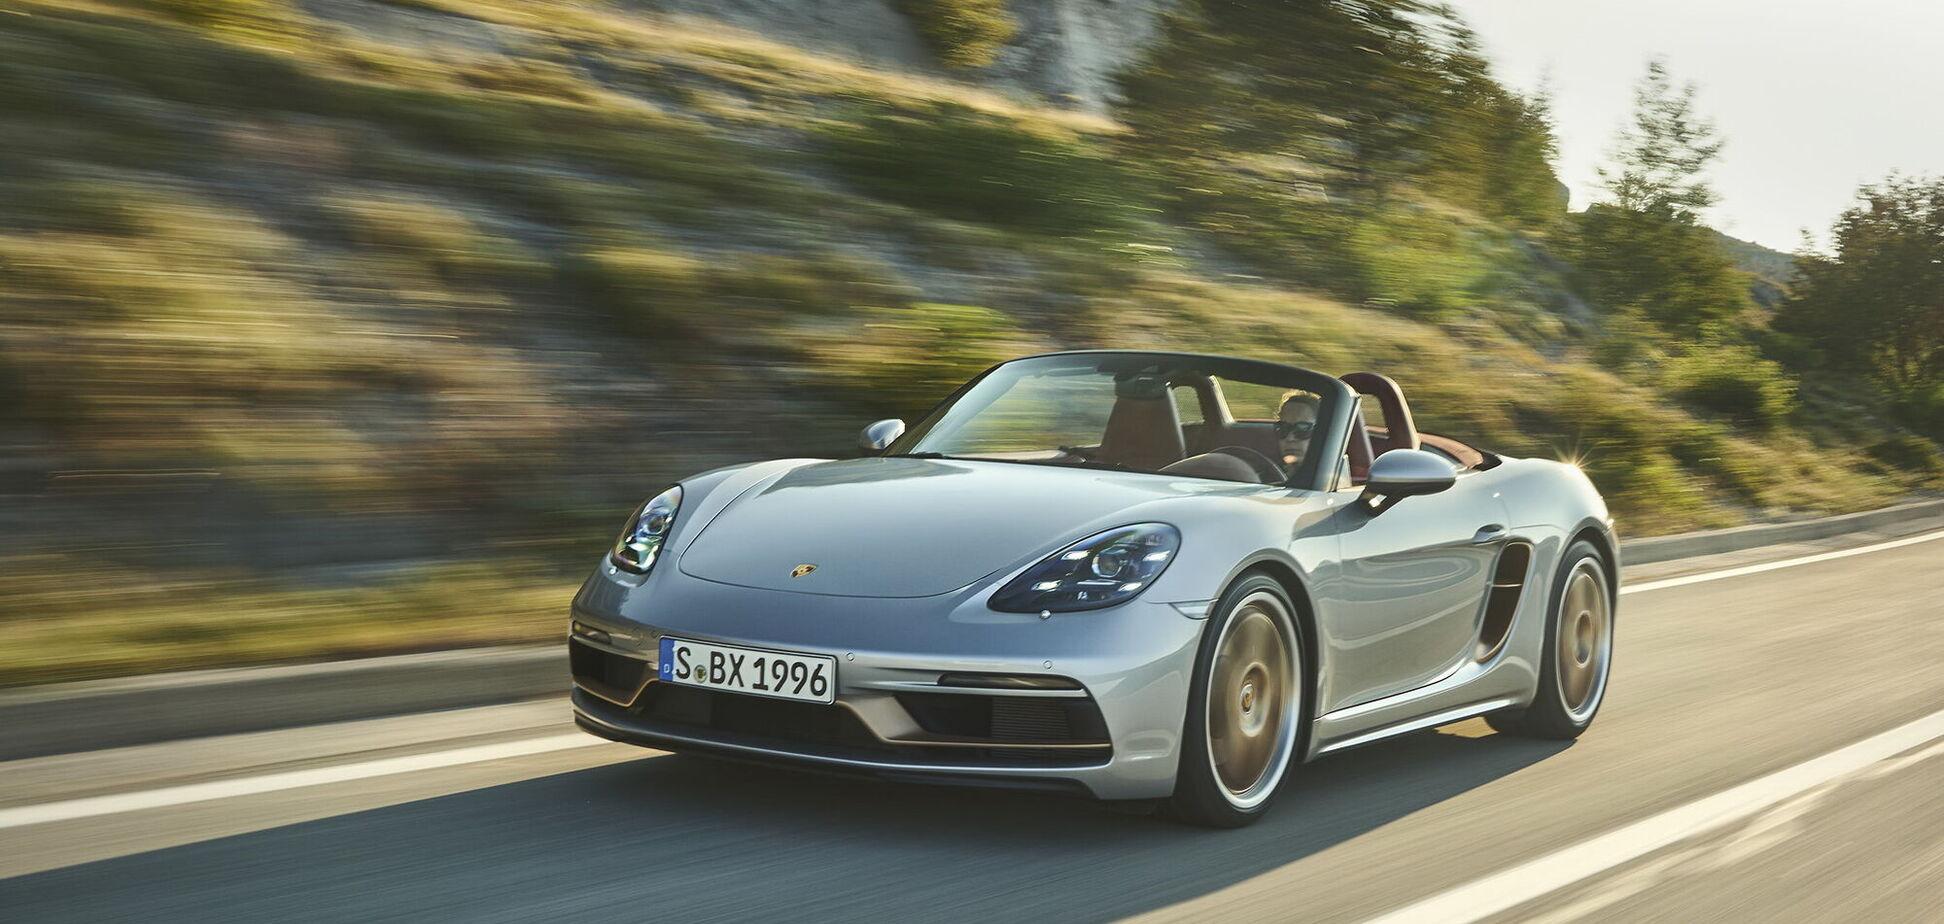 Porsche отметил 25-летие модели Boxster выпуском спецсерии